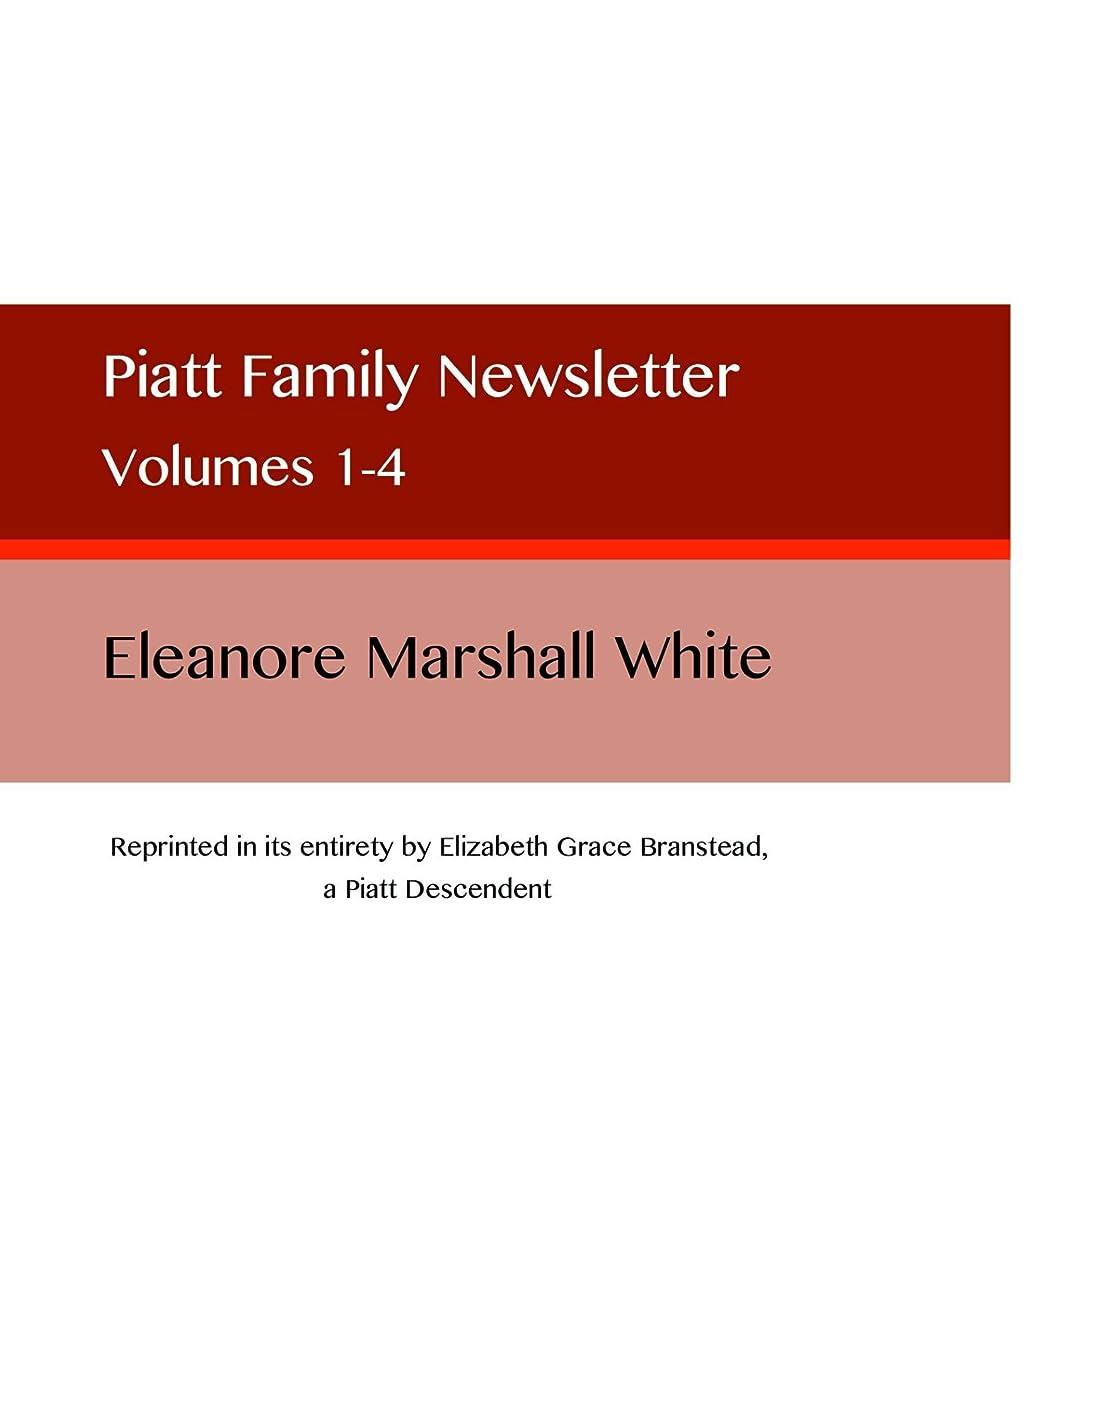 首謀者機械的軽くPiatt Family Newsletter: Volumes 1-4 (English Edition)